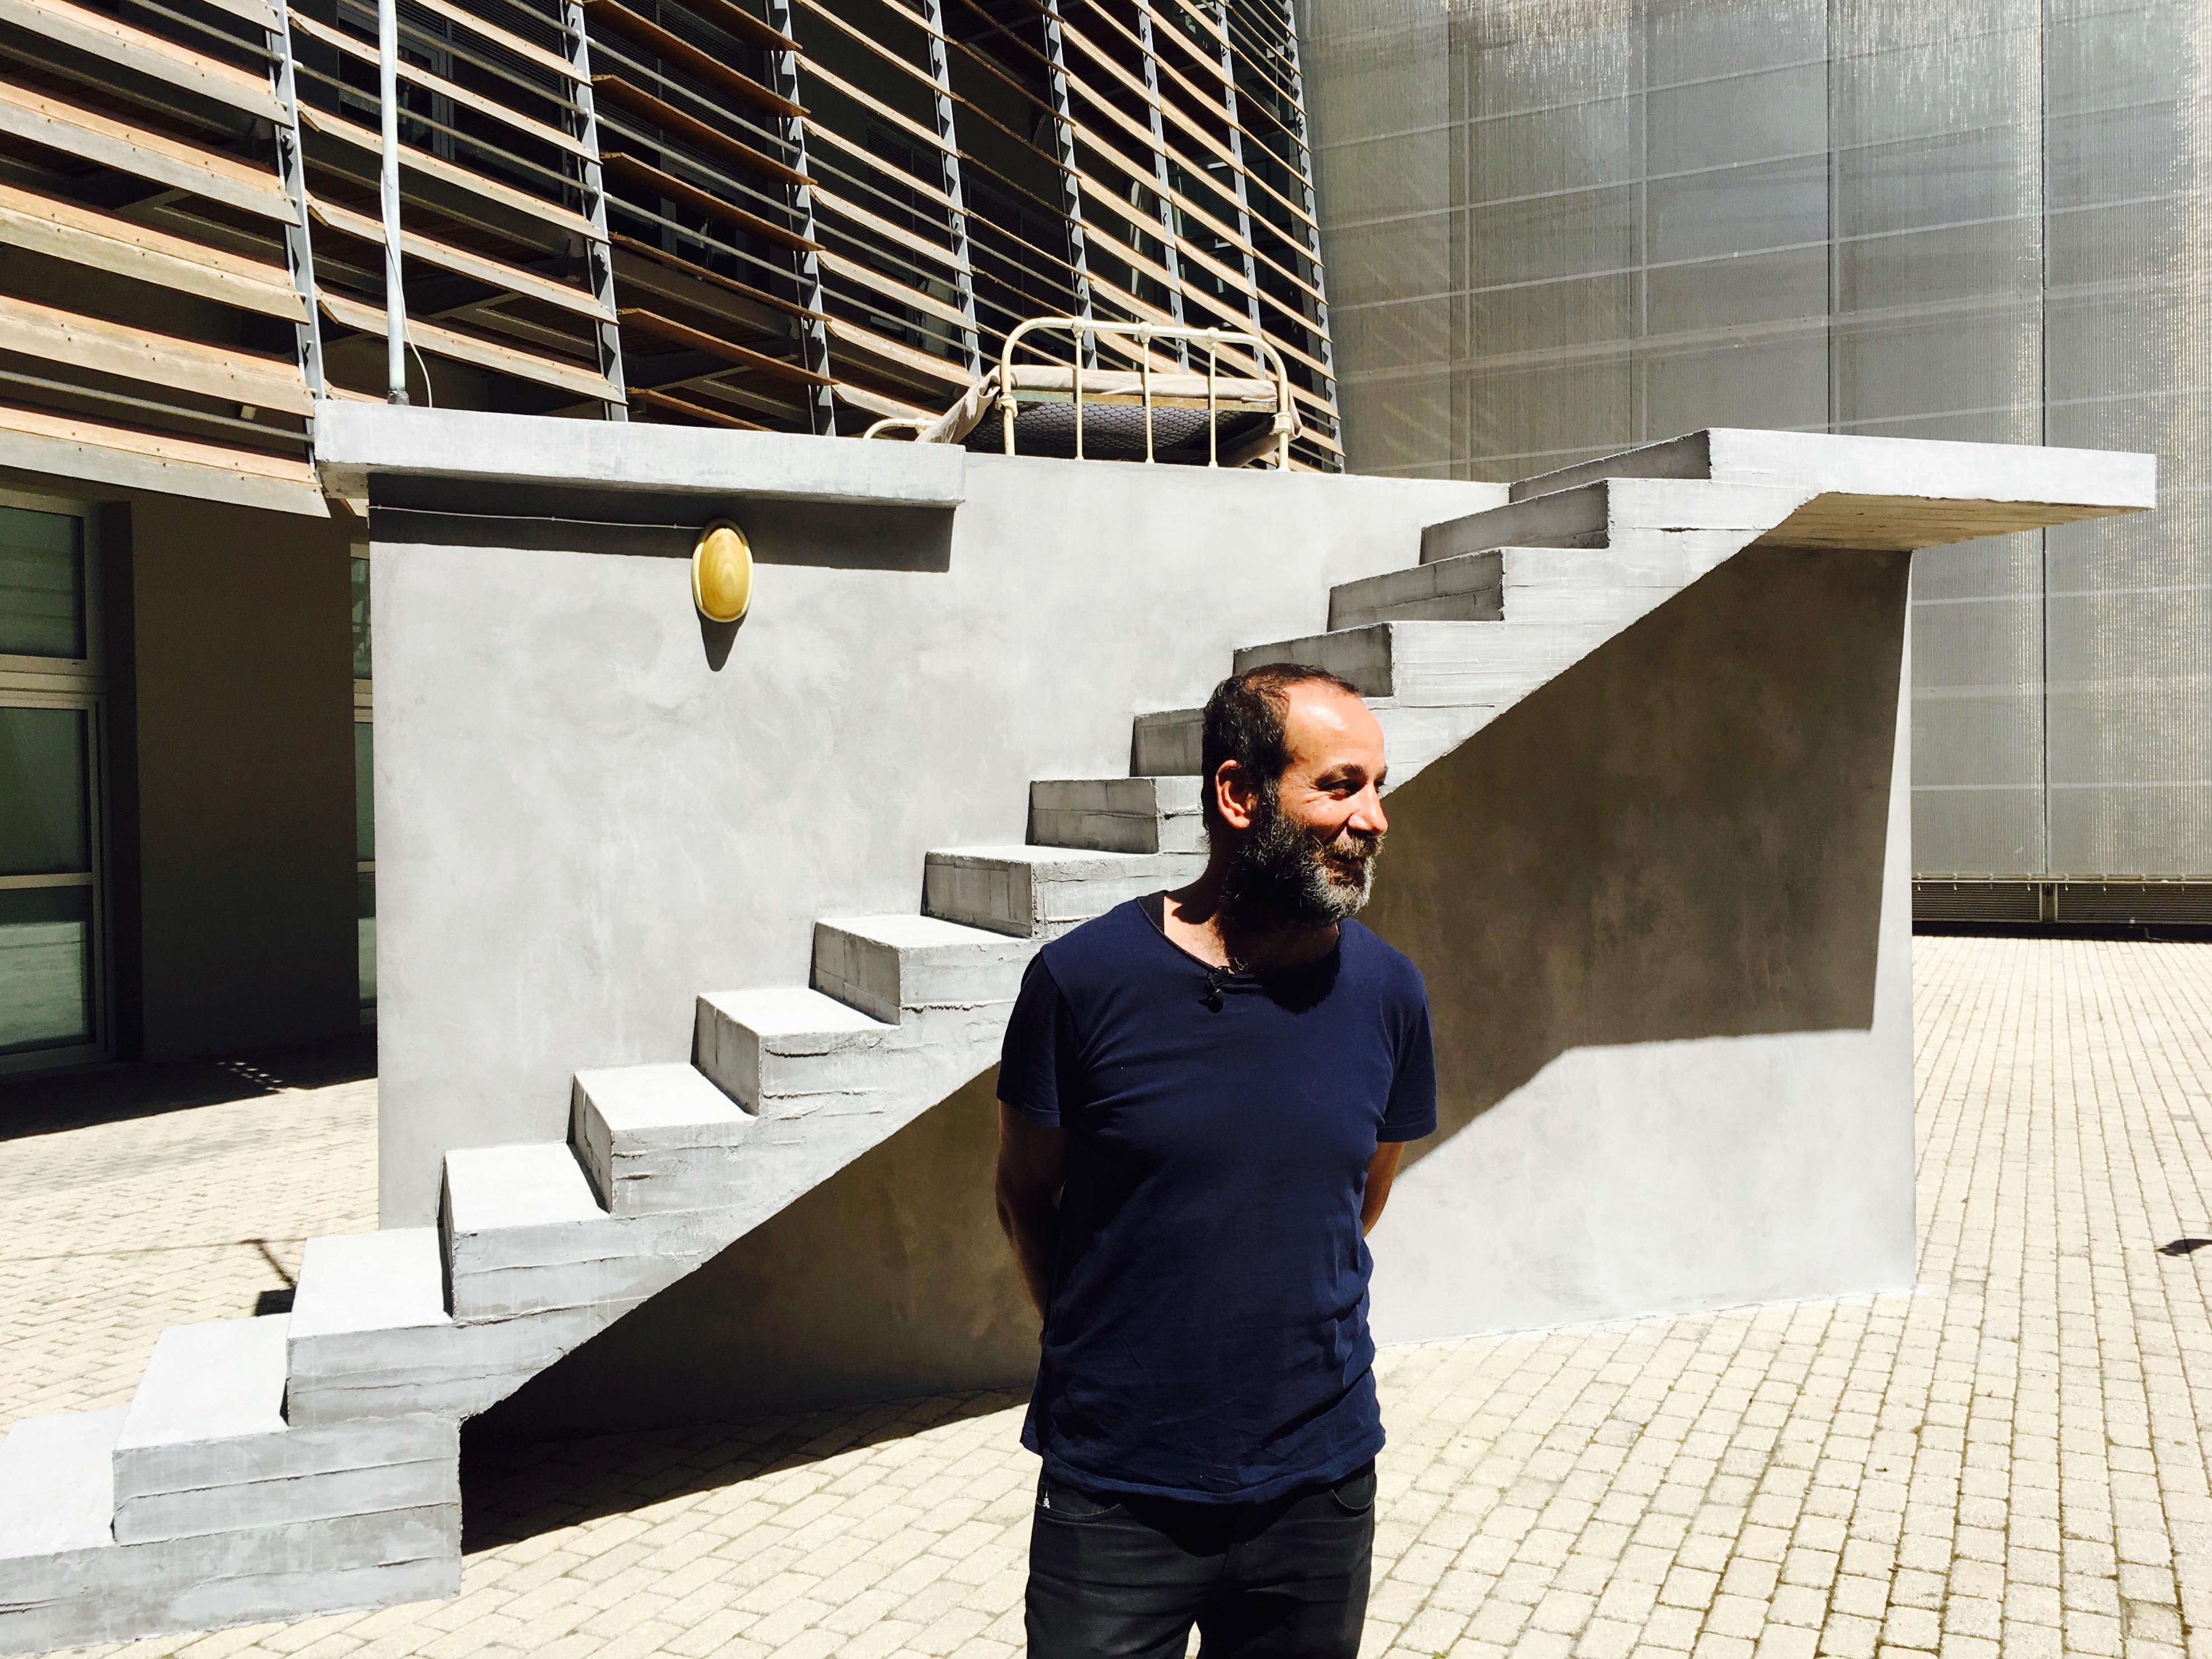 Στο αίθριο του μουσείου Μπενάκη, ο Hiwa K και το έργο του Γκαρσονιέρα (2017)